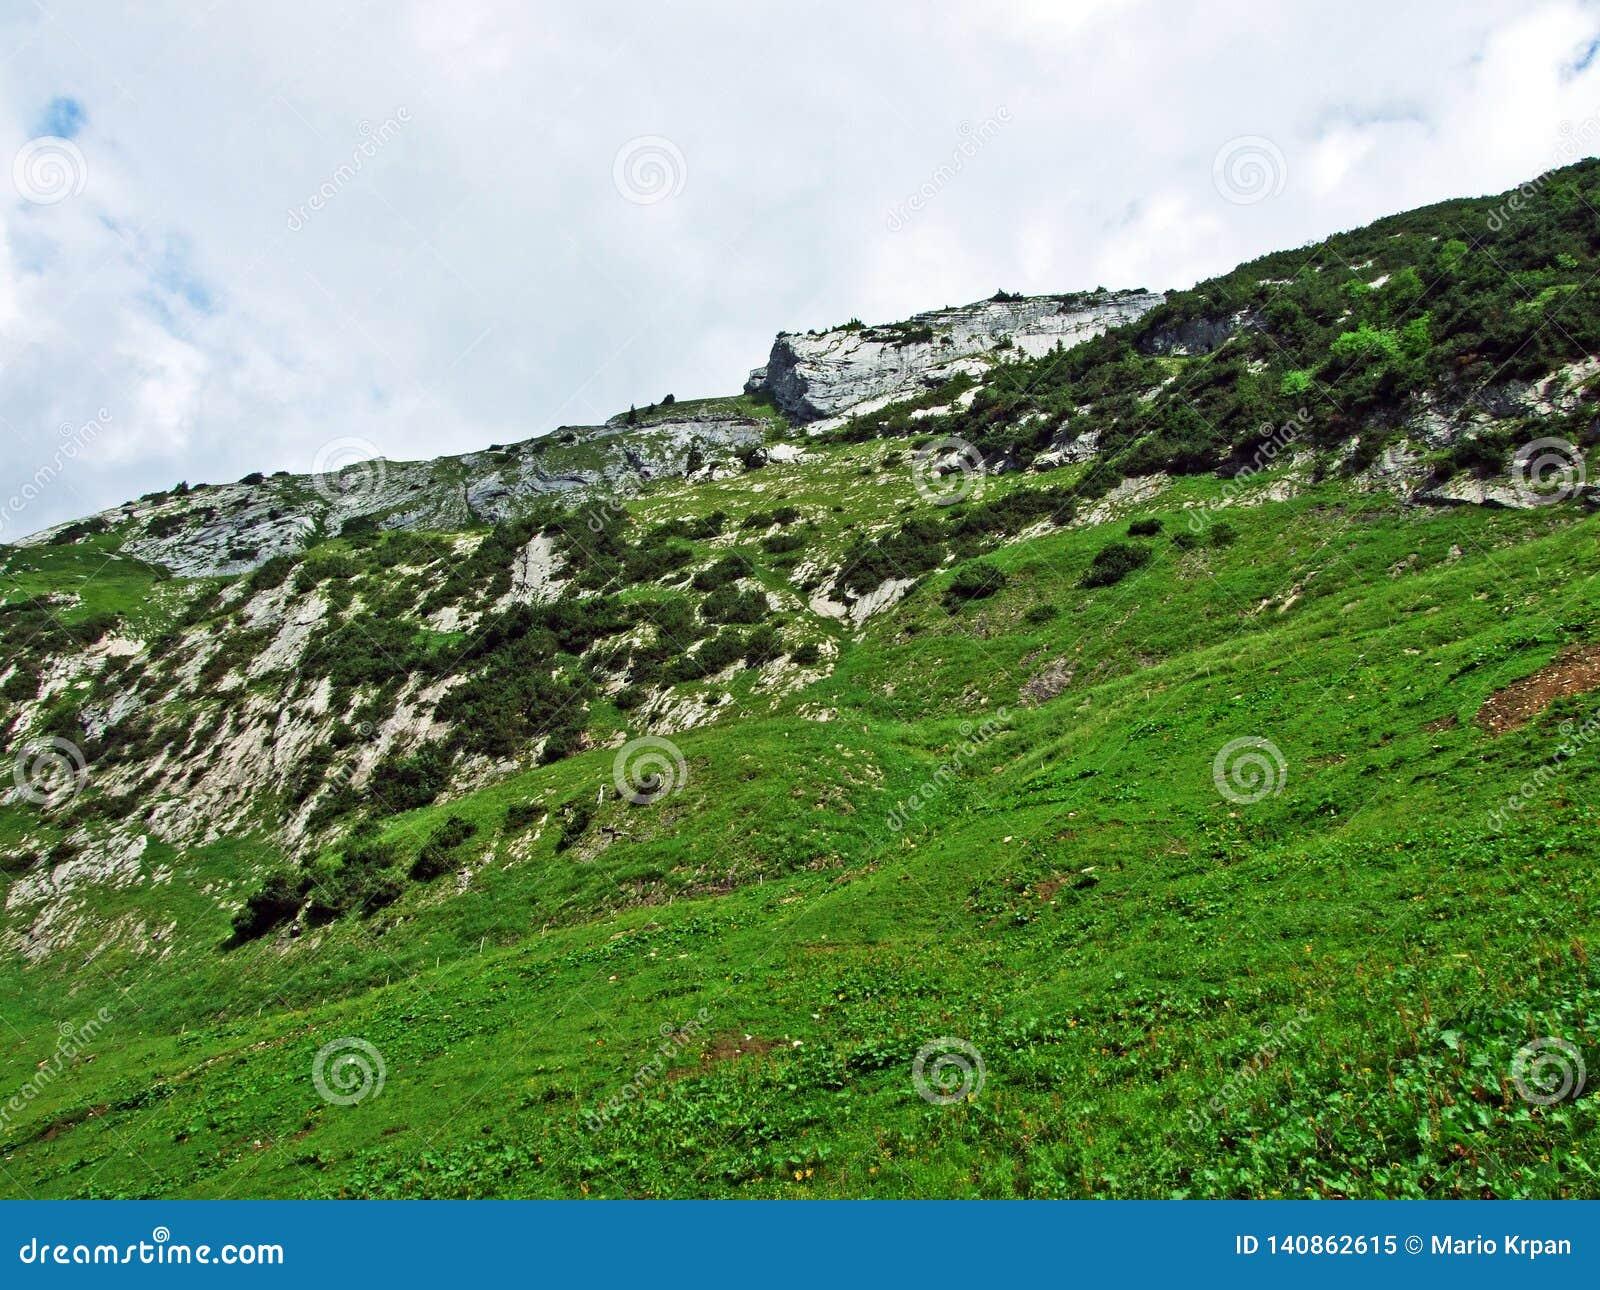 Alpejscy paśniki i łąki na skłonach Alpstein pasmo górskie w rzecznej Thur dolinie i